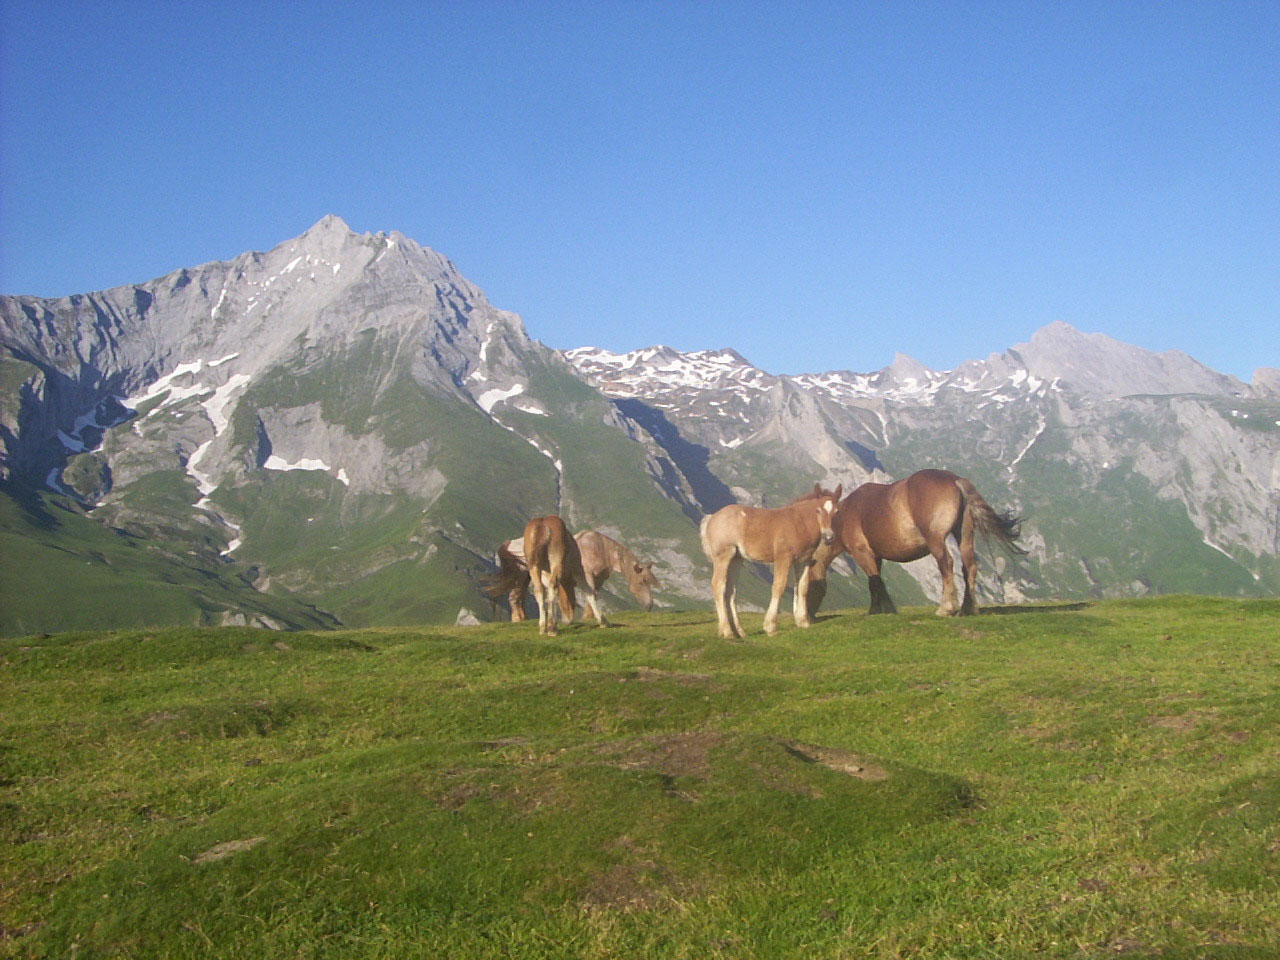 A visiter dans les hautes pyr n es - Office tourisme hautes pyrenees ...